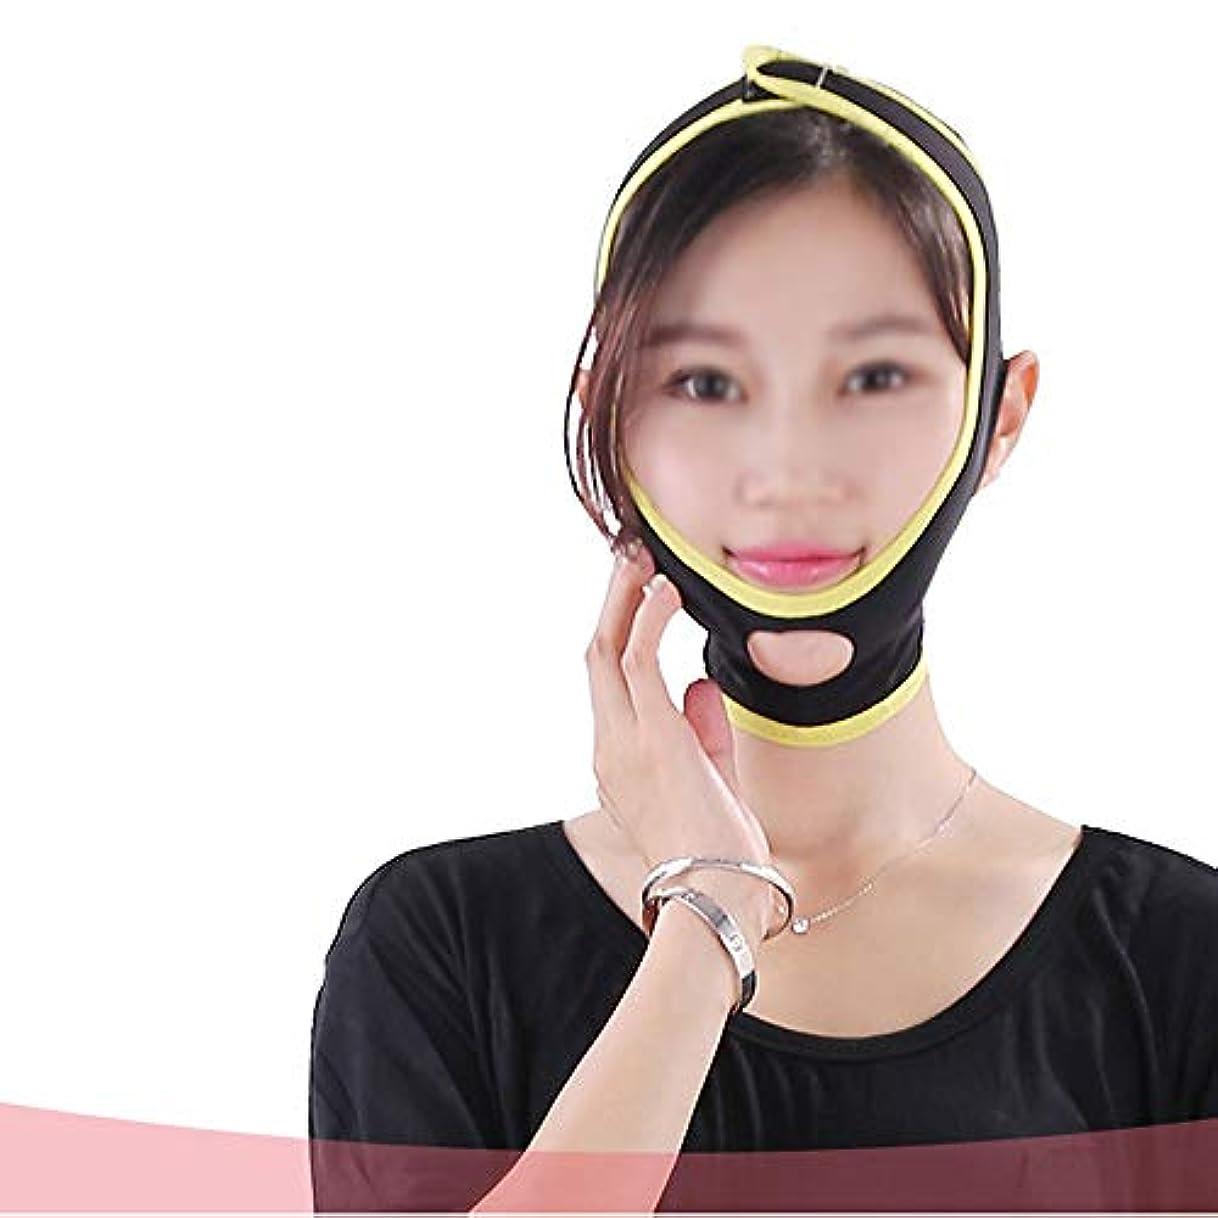 モールス信号自殺ホイットニー通気性の睡眠のマスク、薄い顔の包帯の小さい表面Vの顔薄い顔の顔 (Color : M)